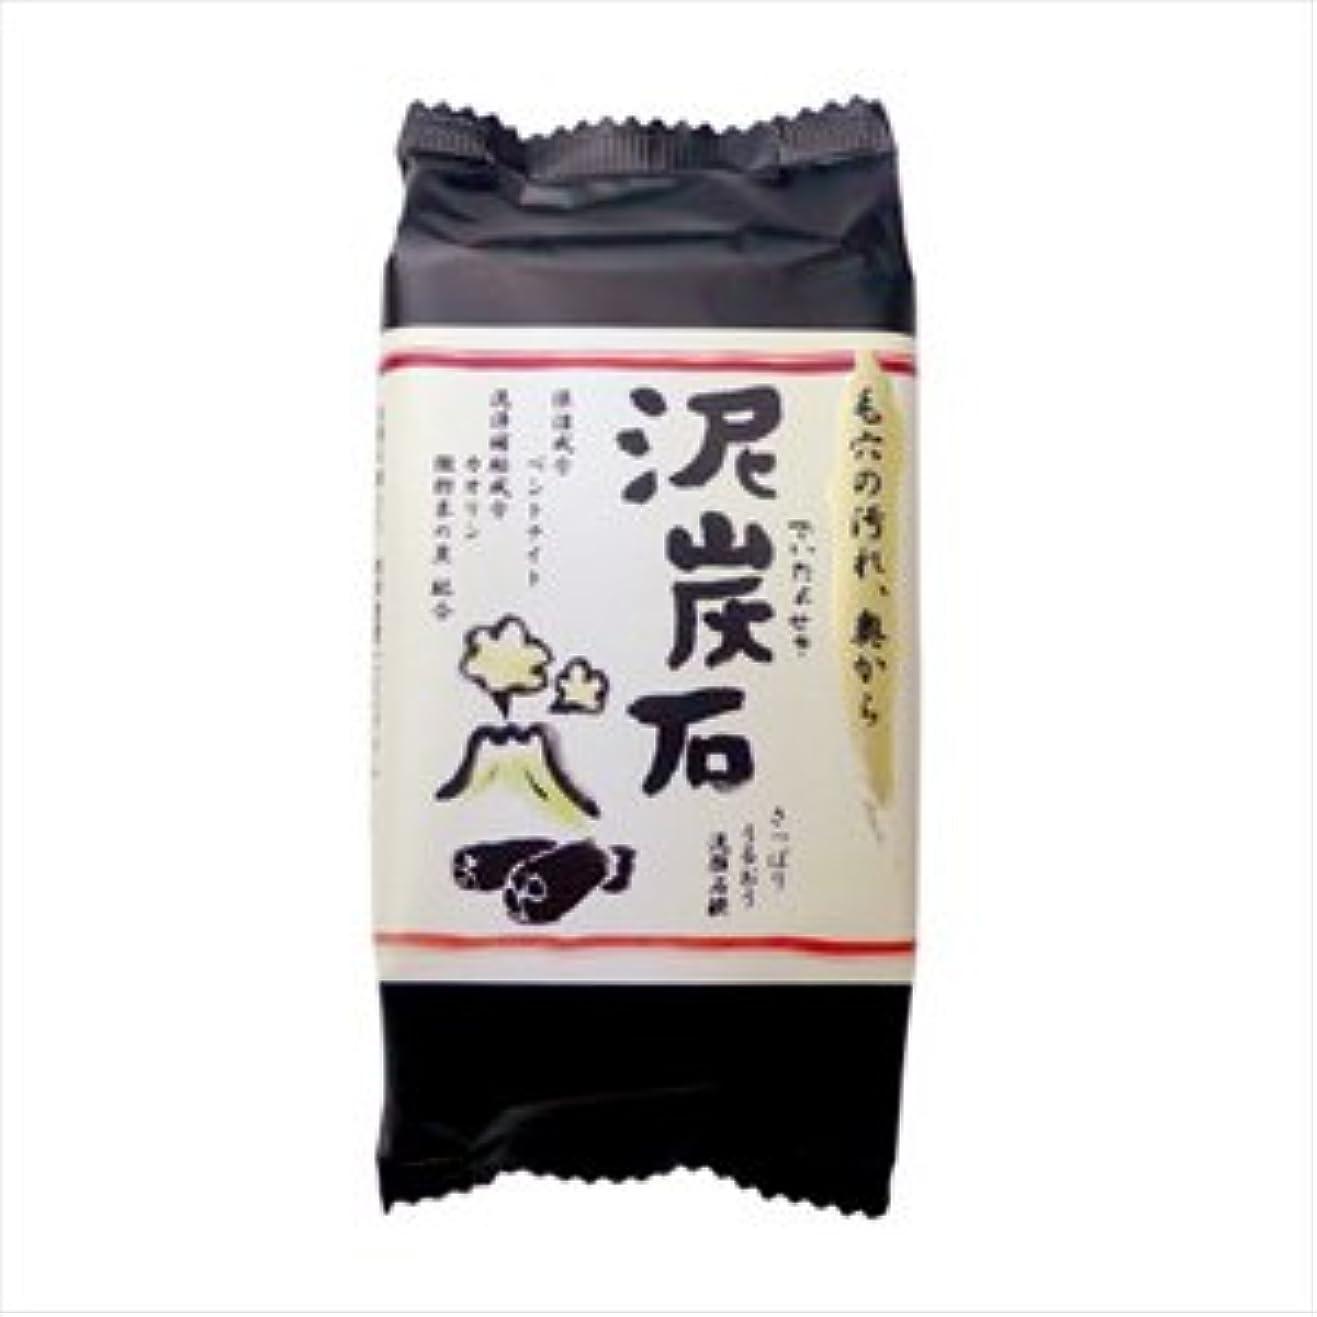 タヒチ秋目覚める泥炭石(でいたんせき) 100g